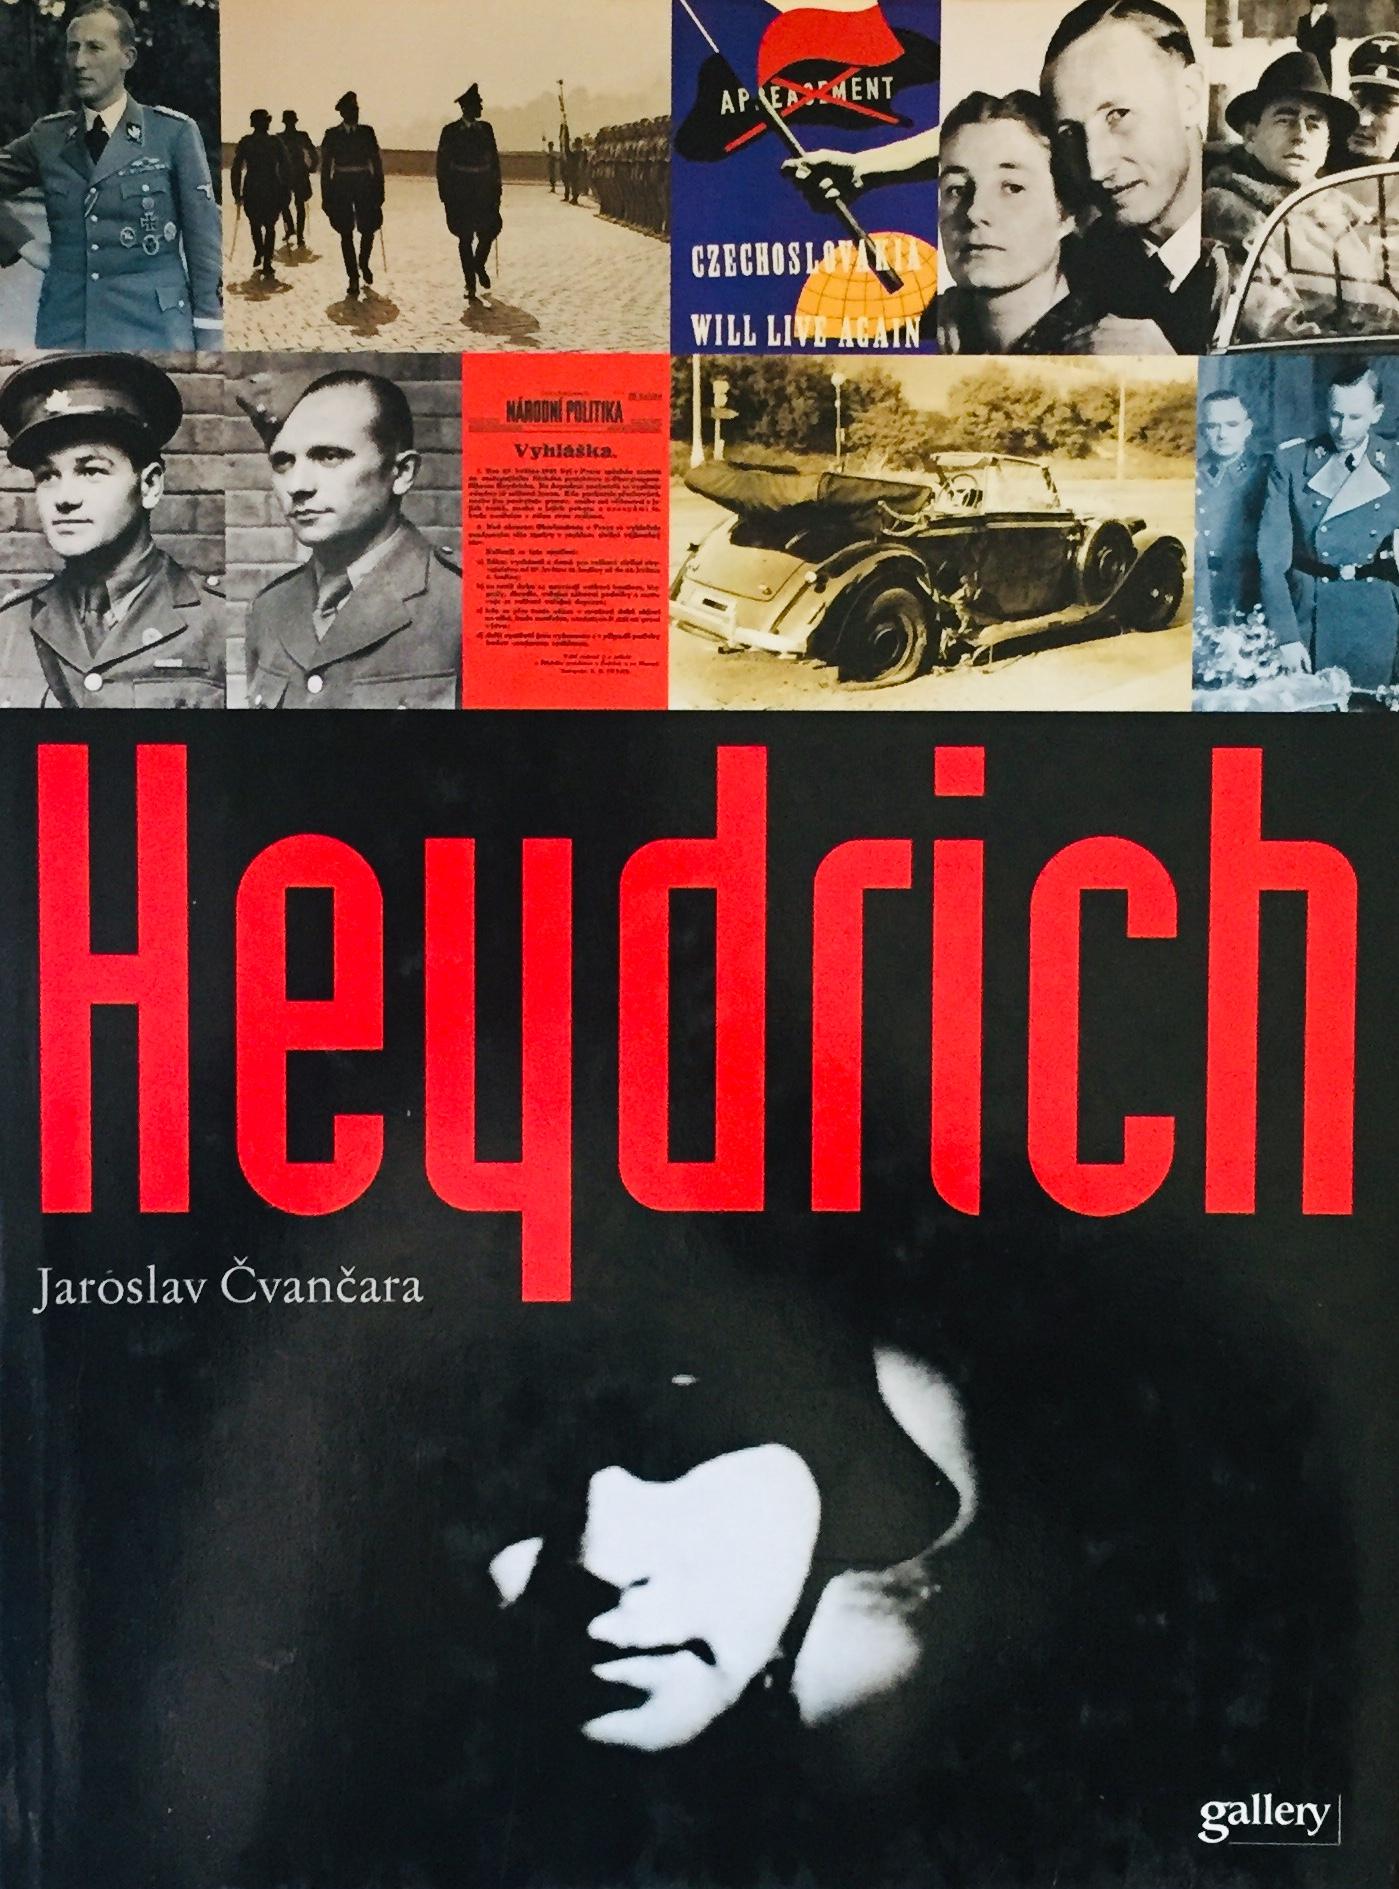 Heydrich - Jaroslav Čvančara /bazarové zboží/